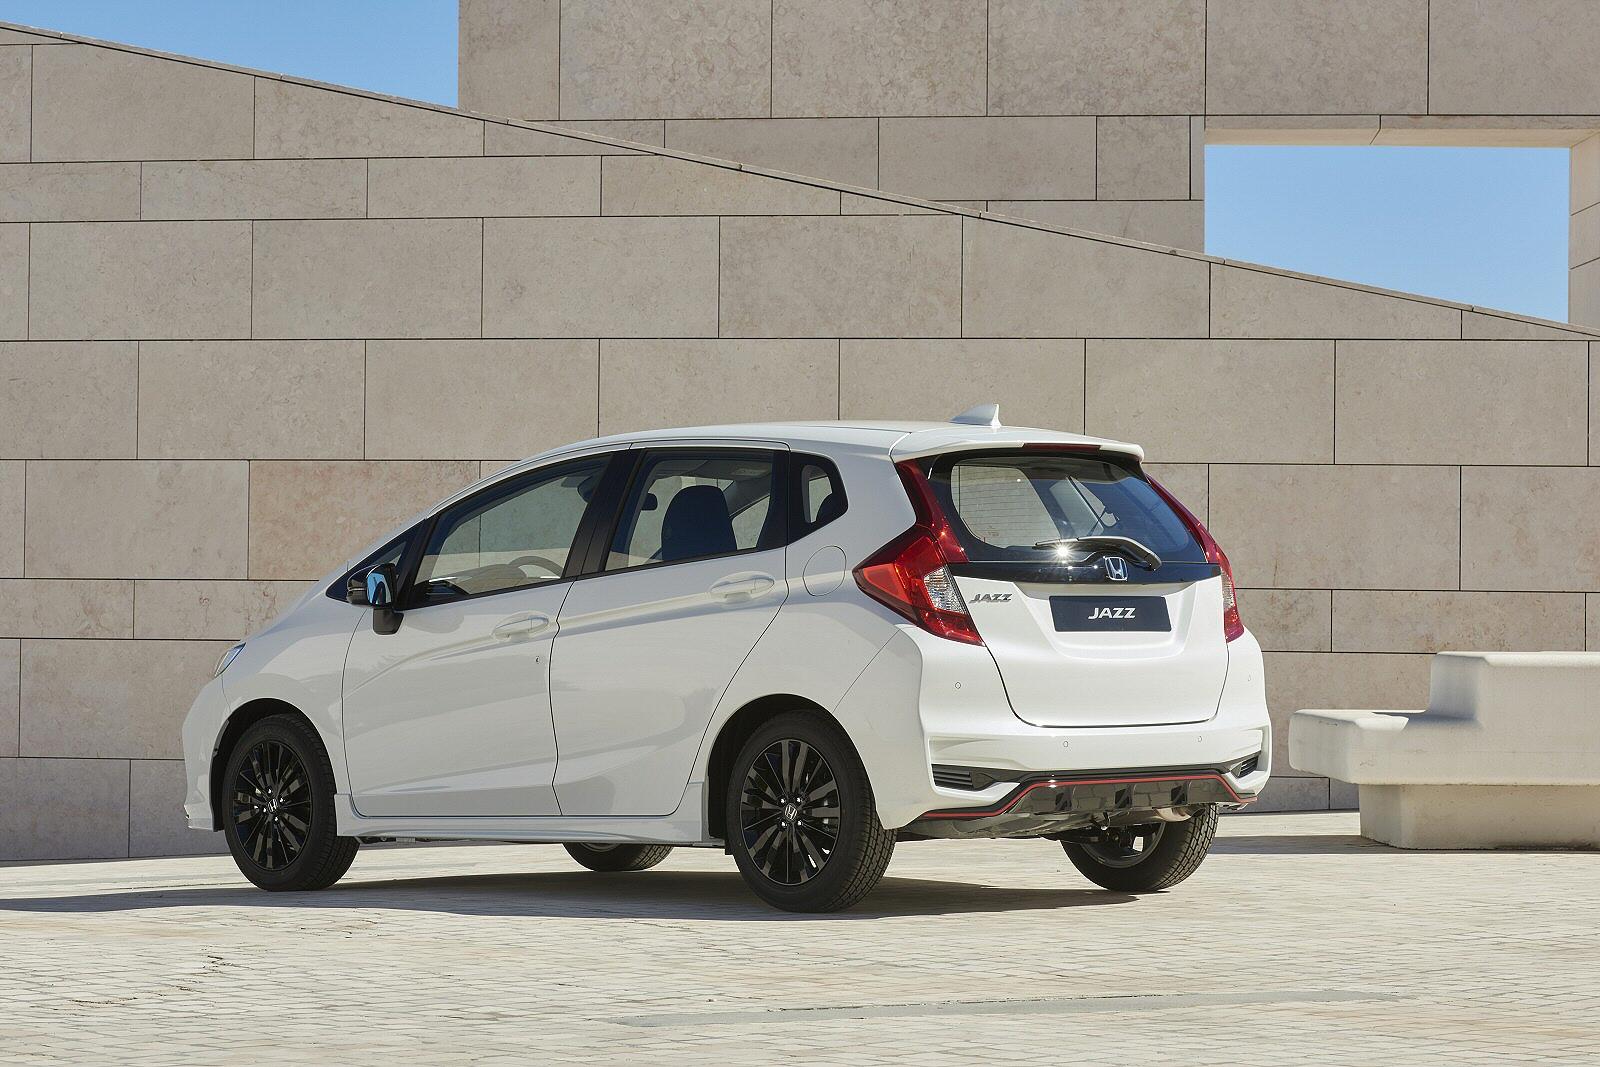 New Honda Jazz 13 I Vtec Ex Navi 5dr Cvt Petrol Hatchback For Sale